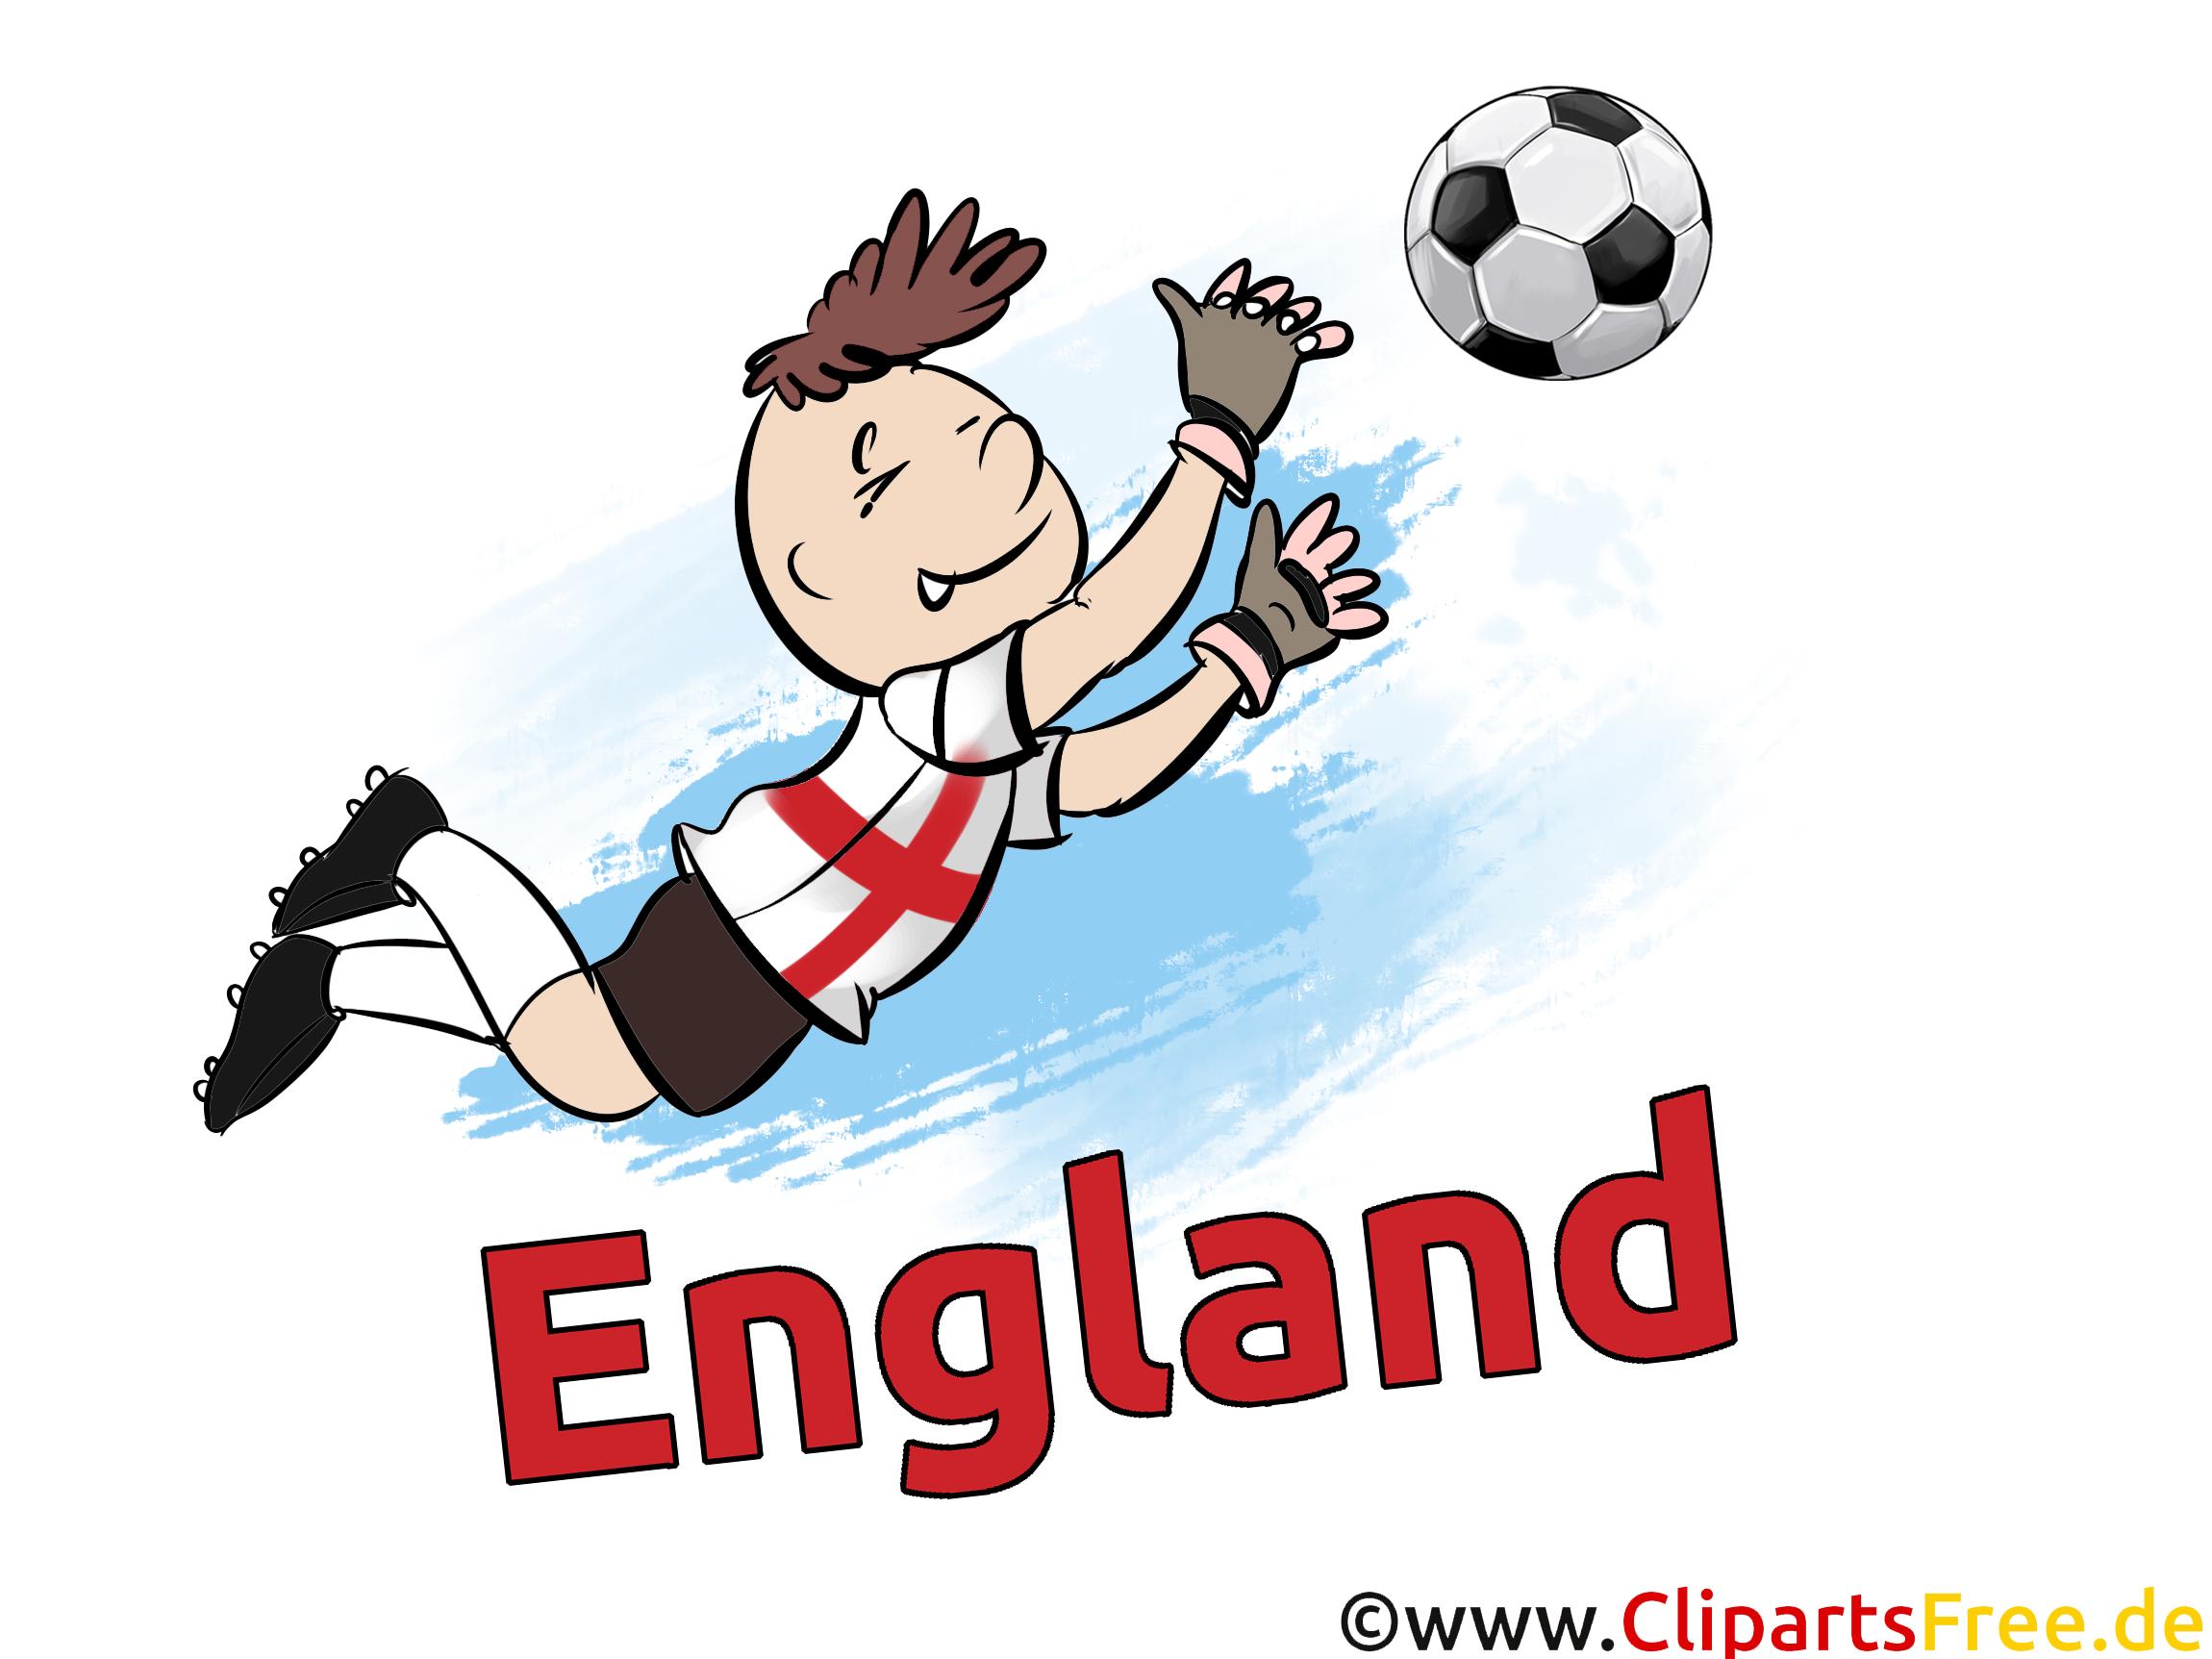 Images Soccer Football Angleterre gratuit pour télécharger